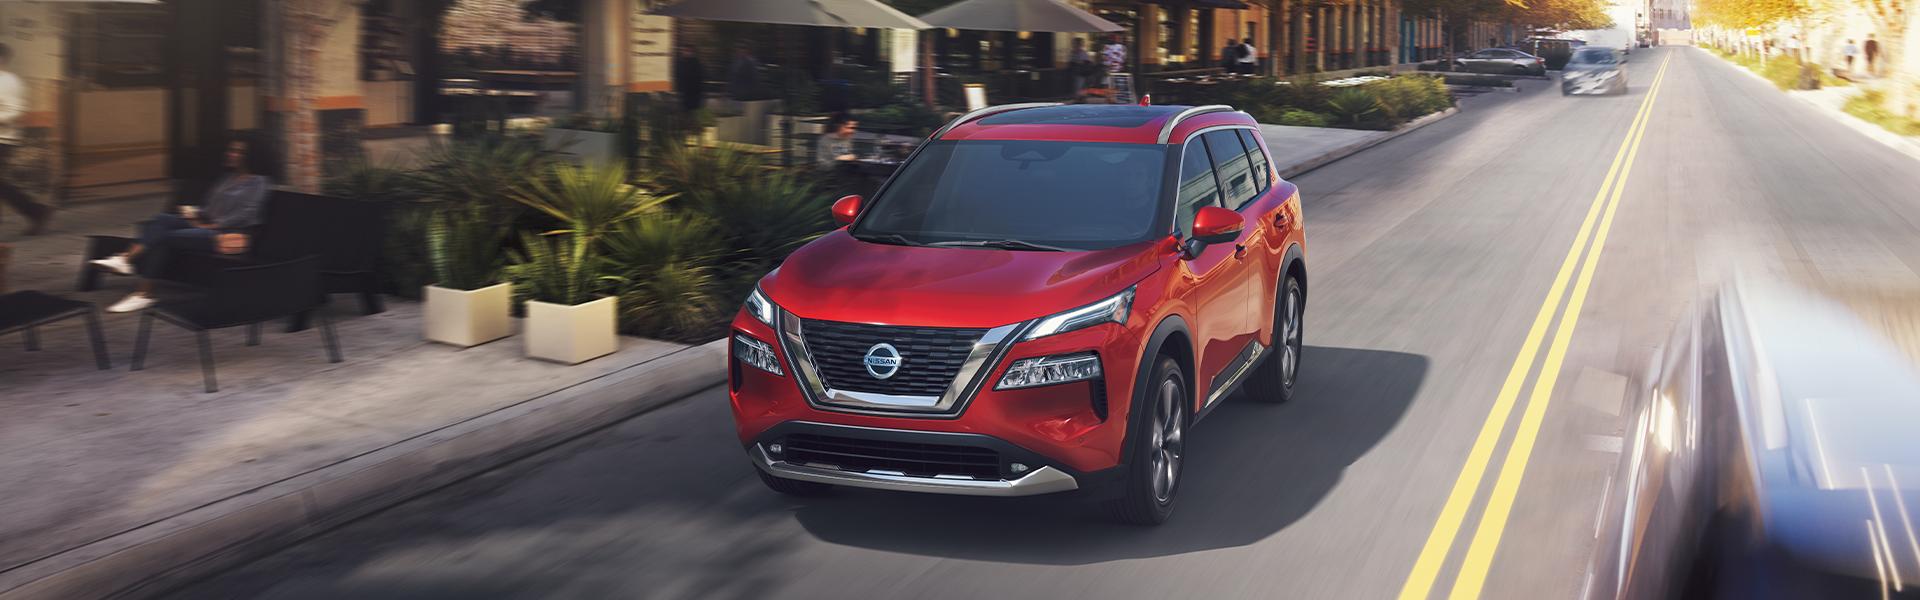 Nissan of Lewisville | Lewisville, TX | Finance Comparison